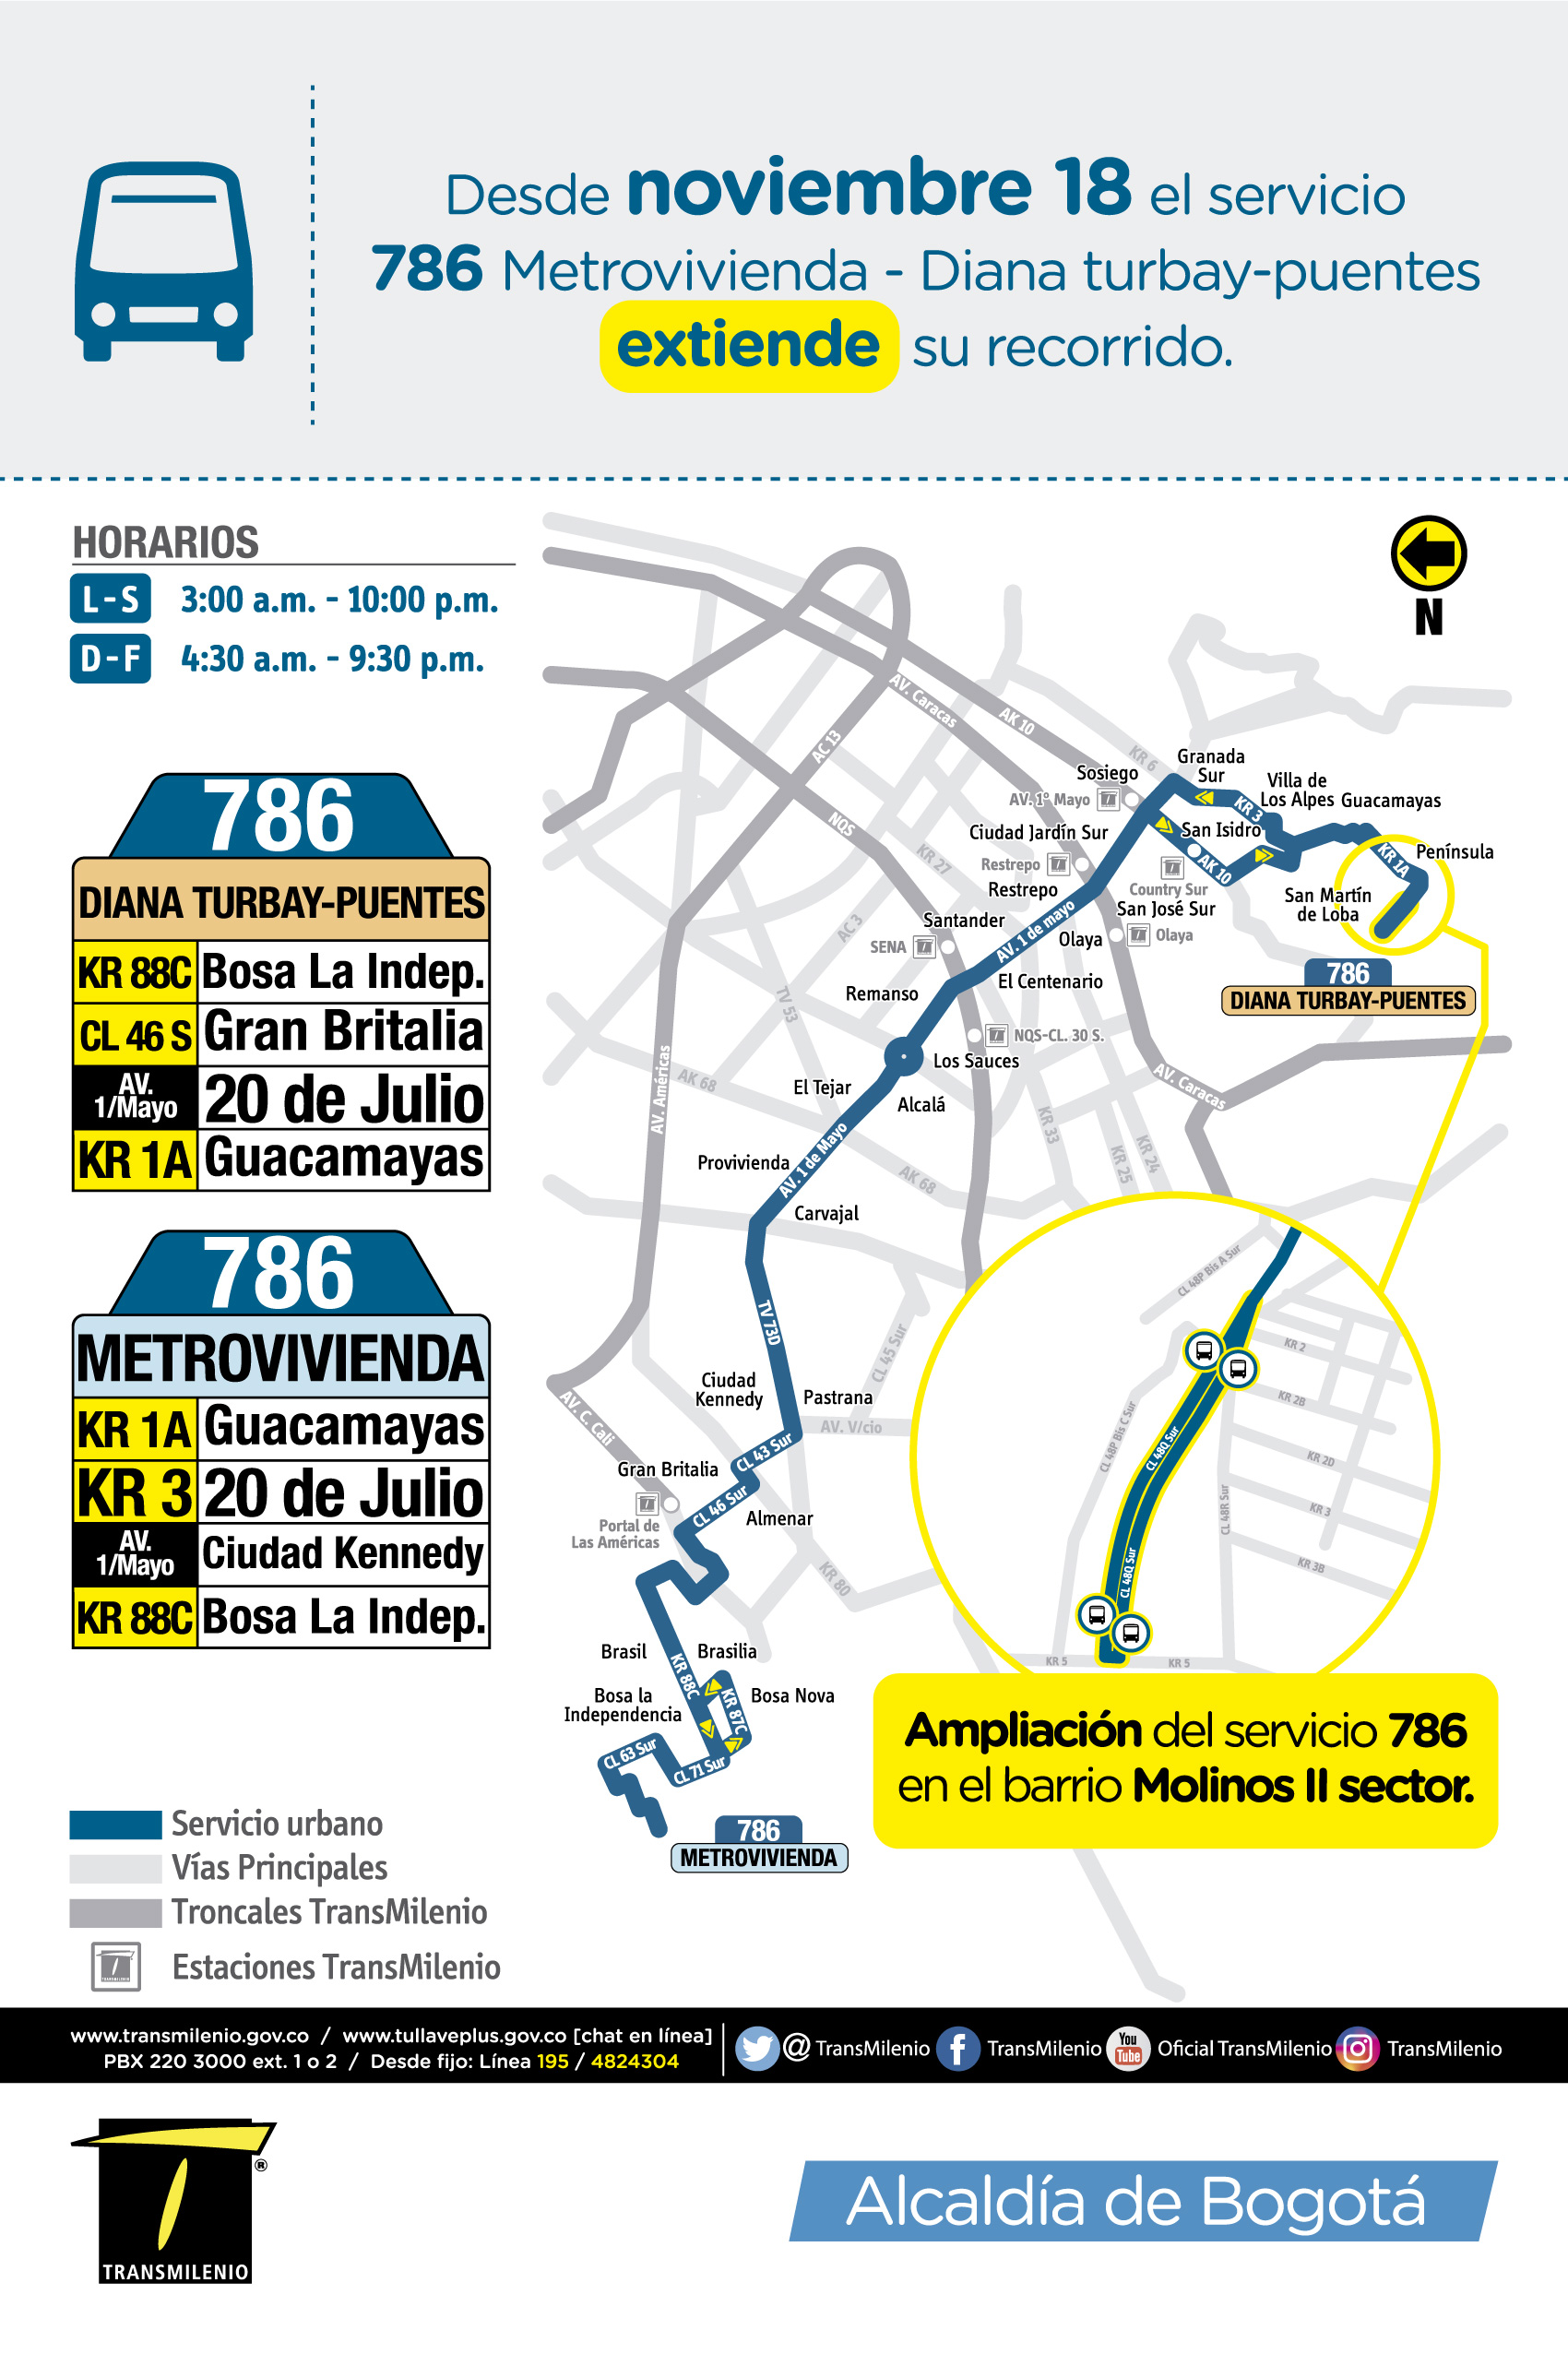 Mapa de la ruta 786 con la extensión  en su recorrido